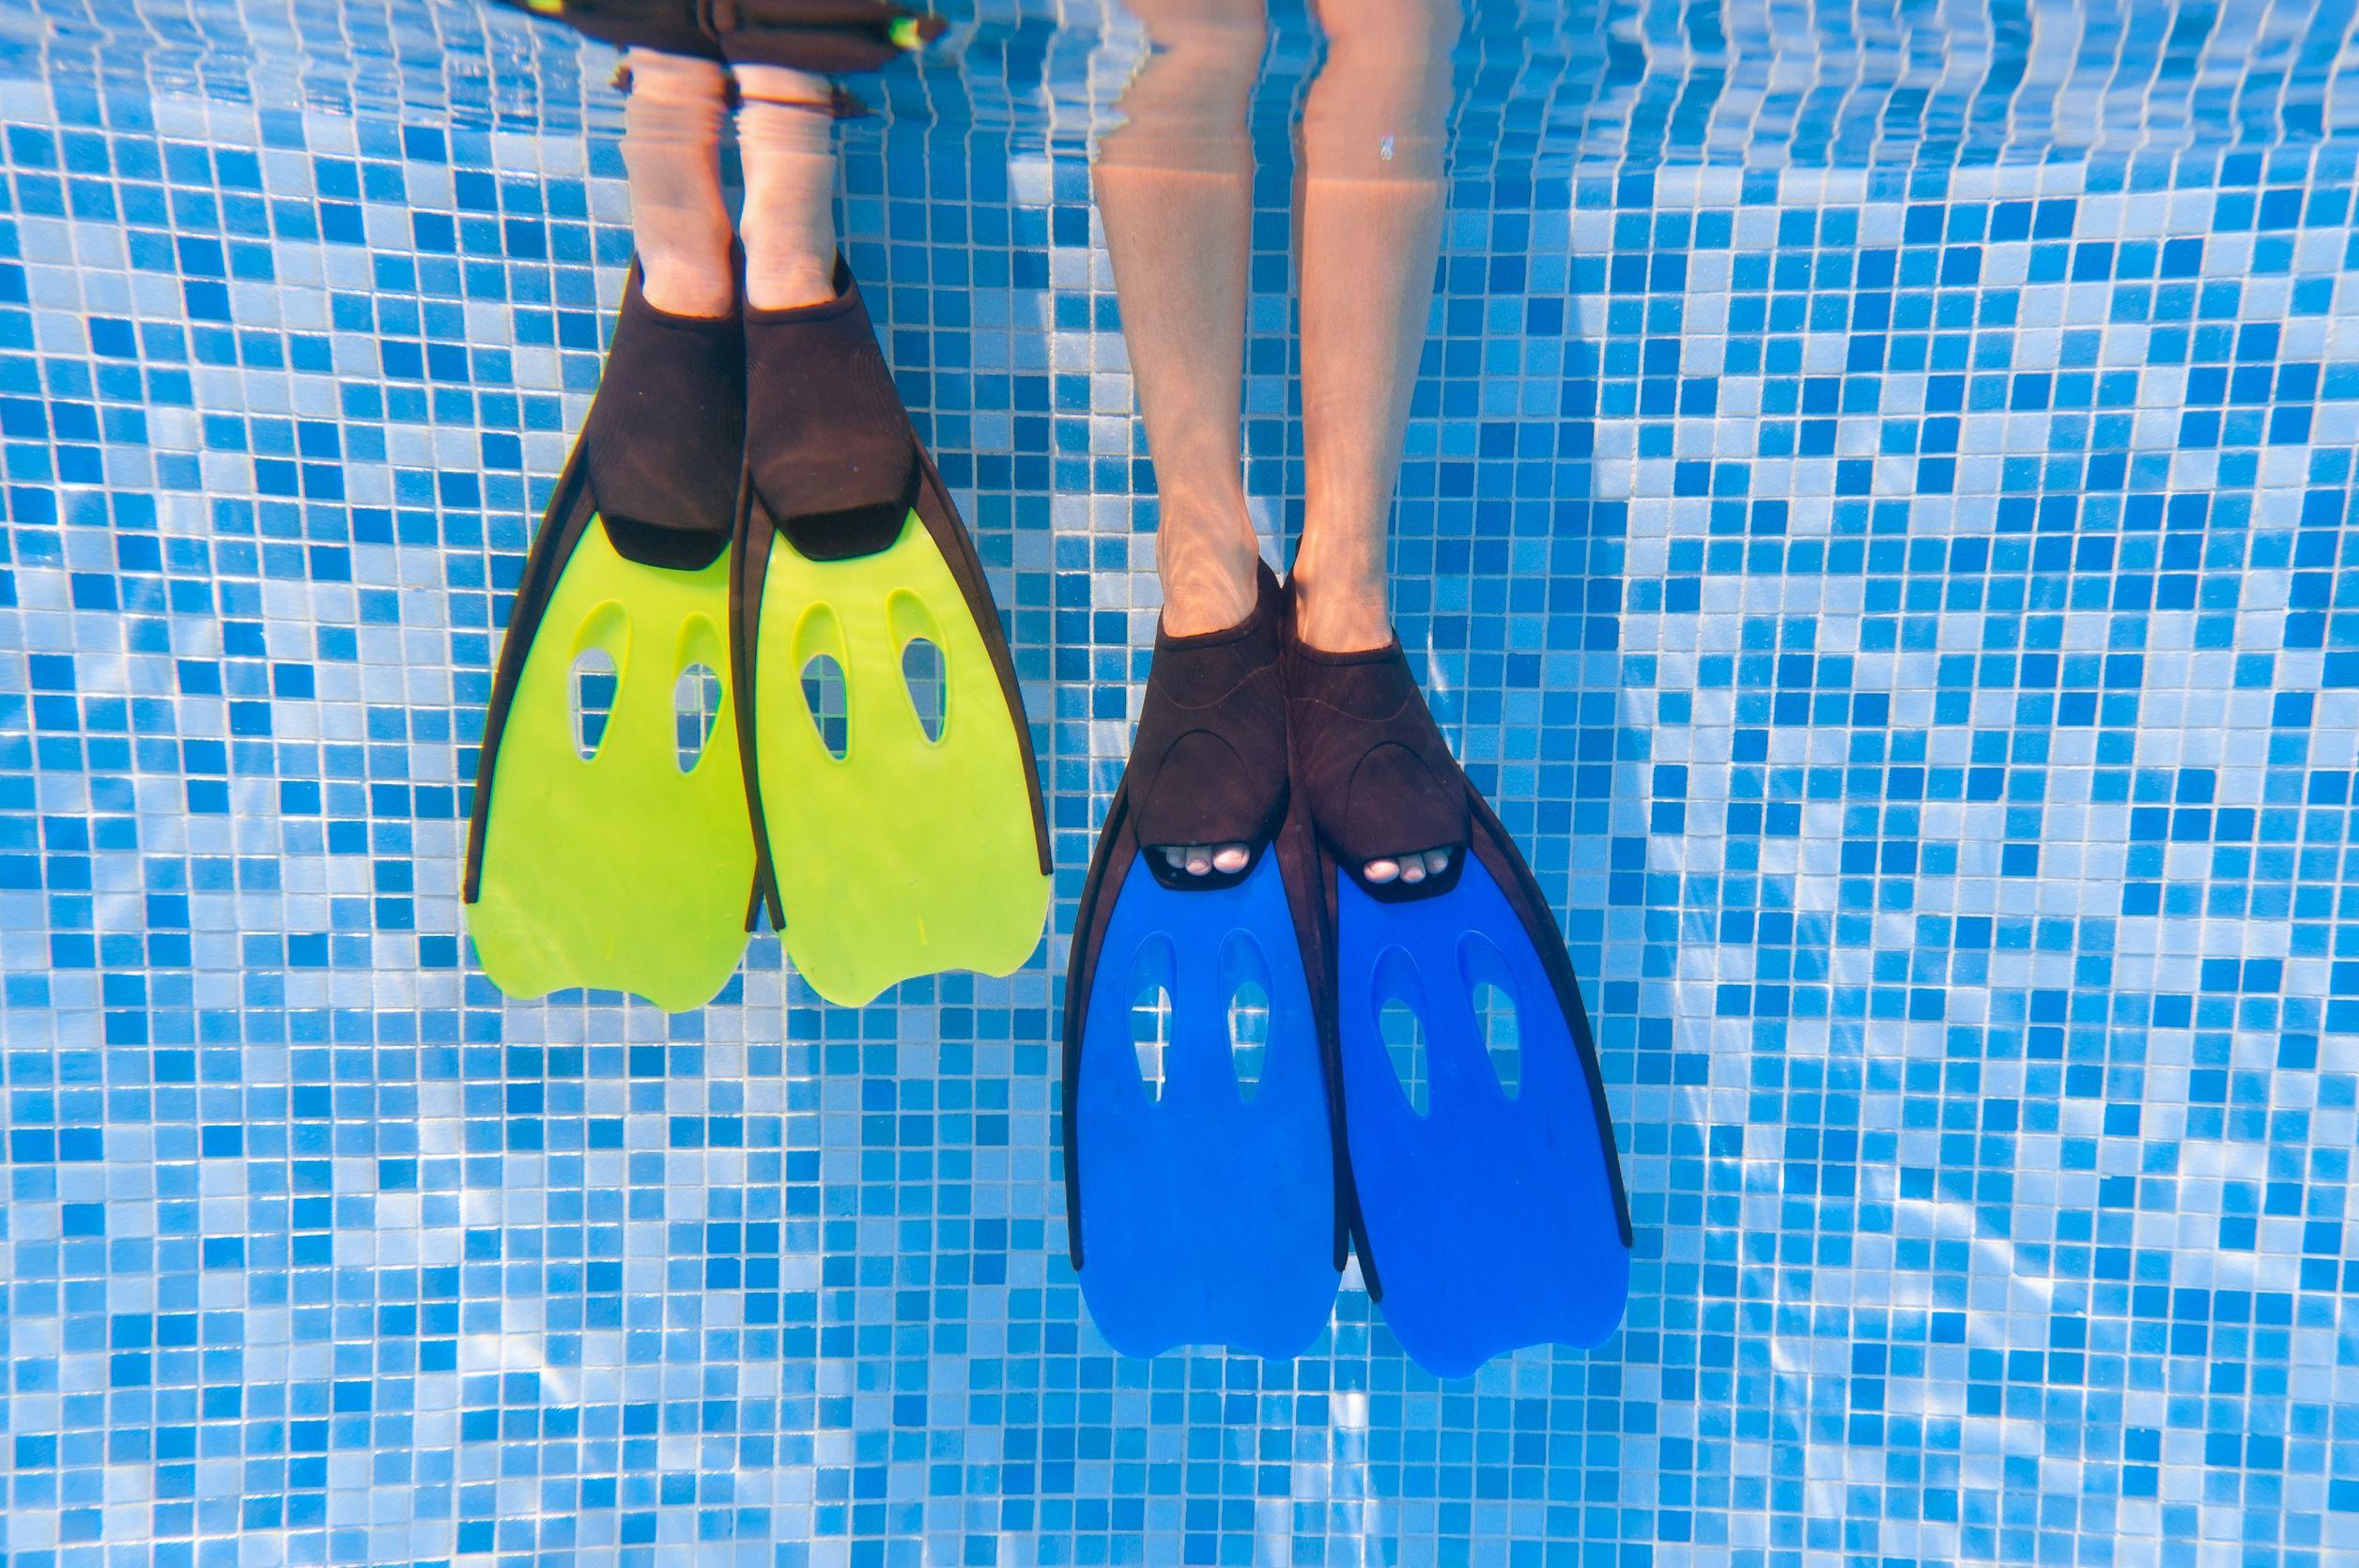 Duas pessoas calçadas com pé de pato na beirada de uma piscina